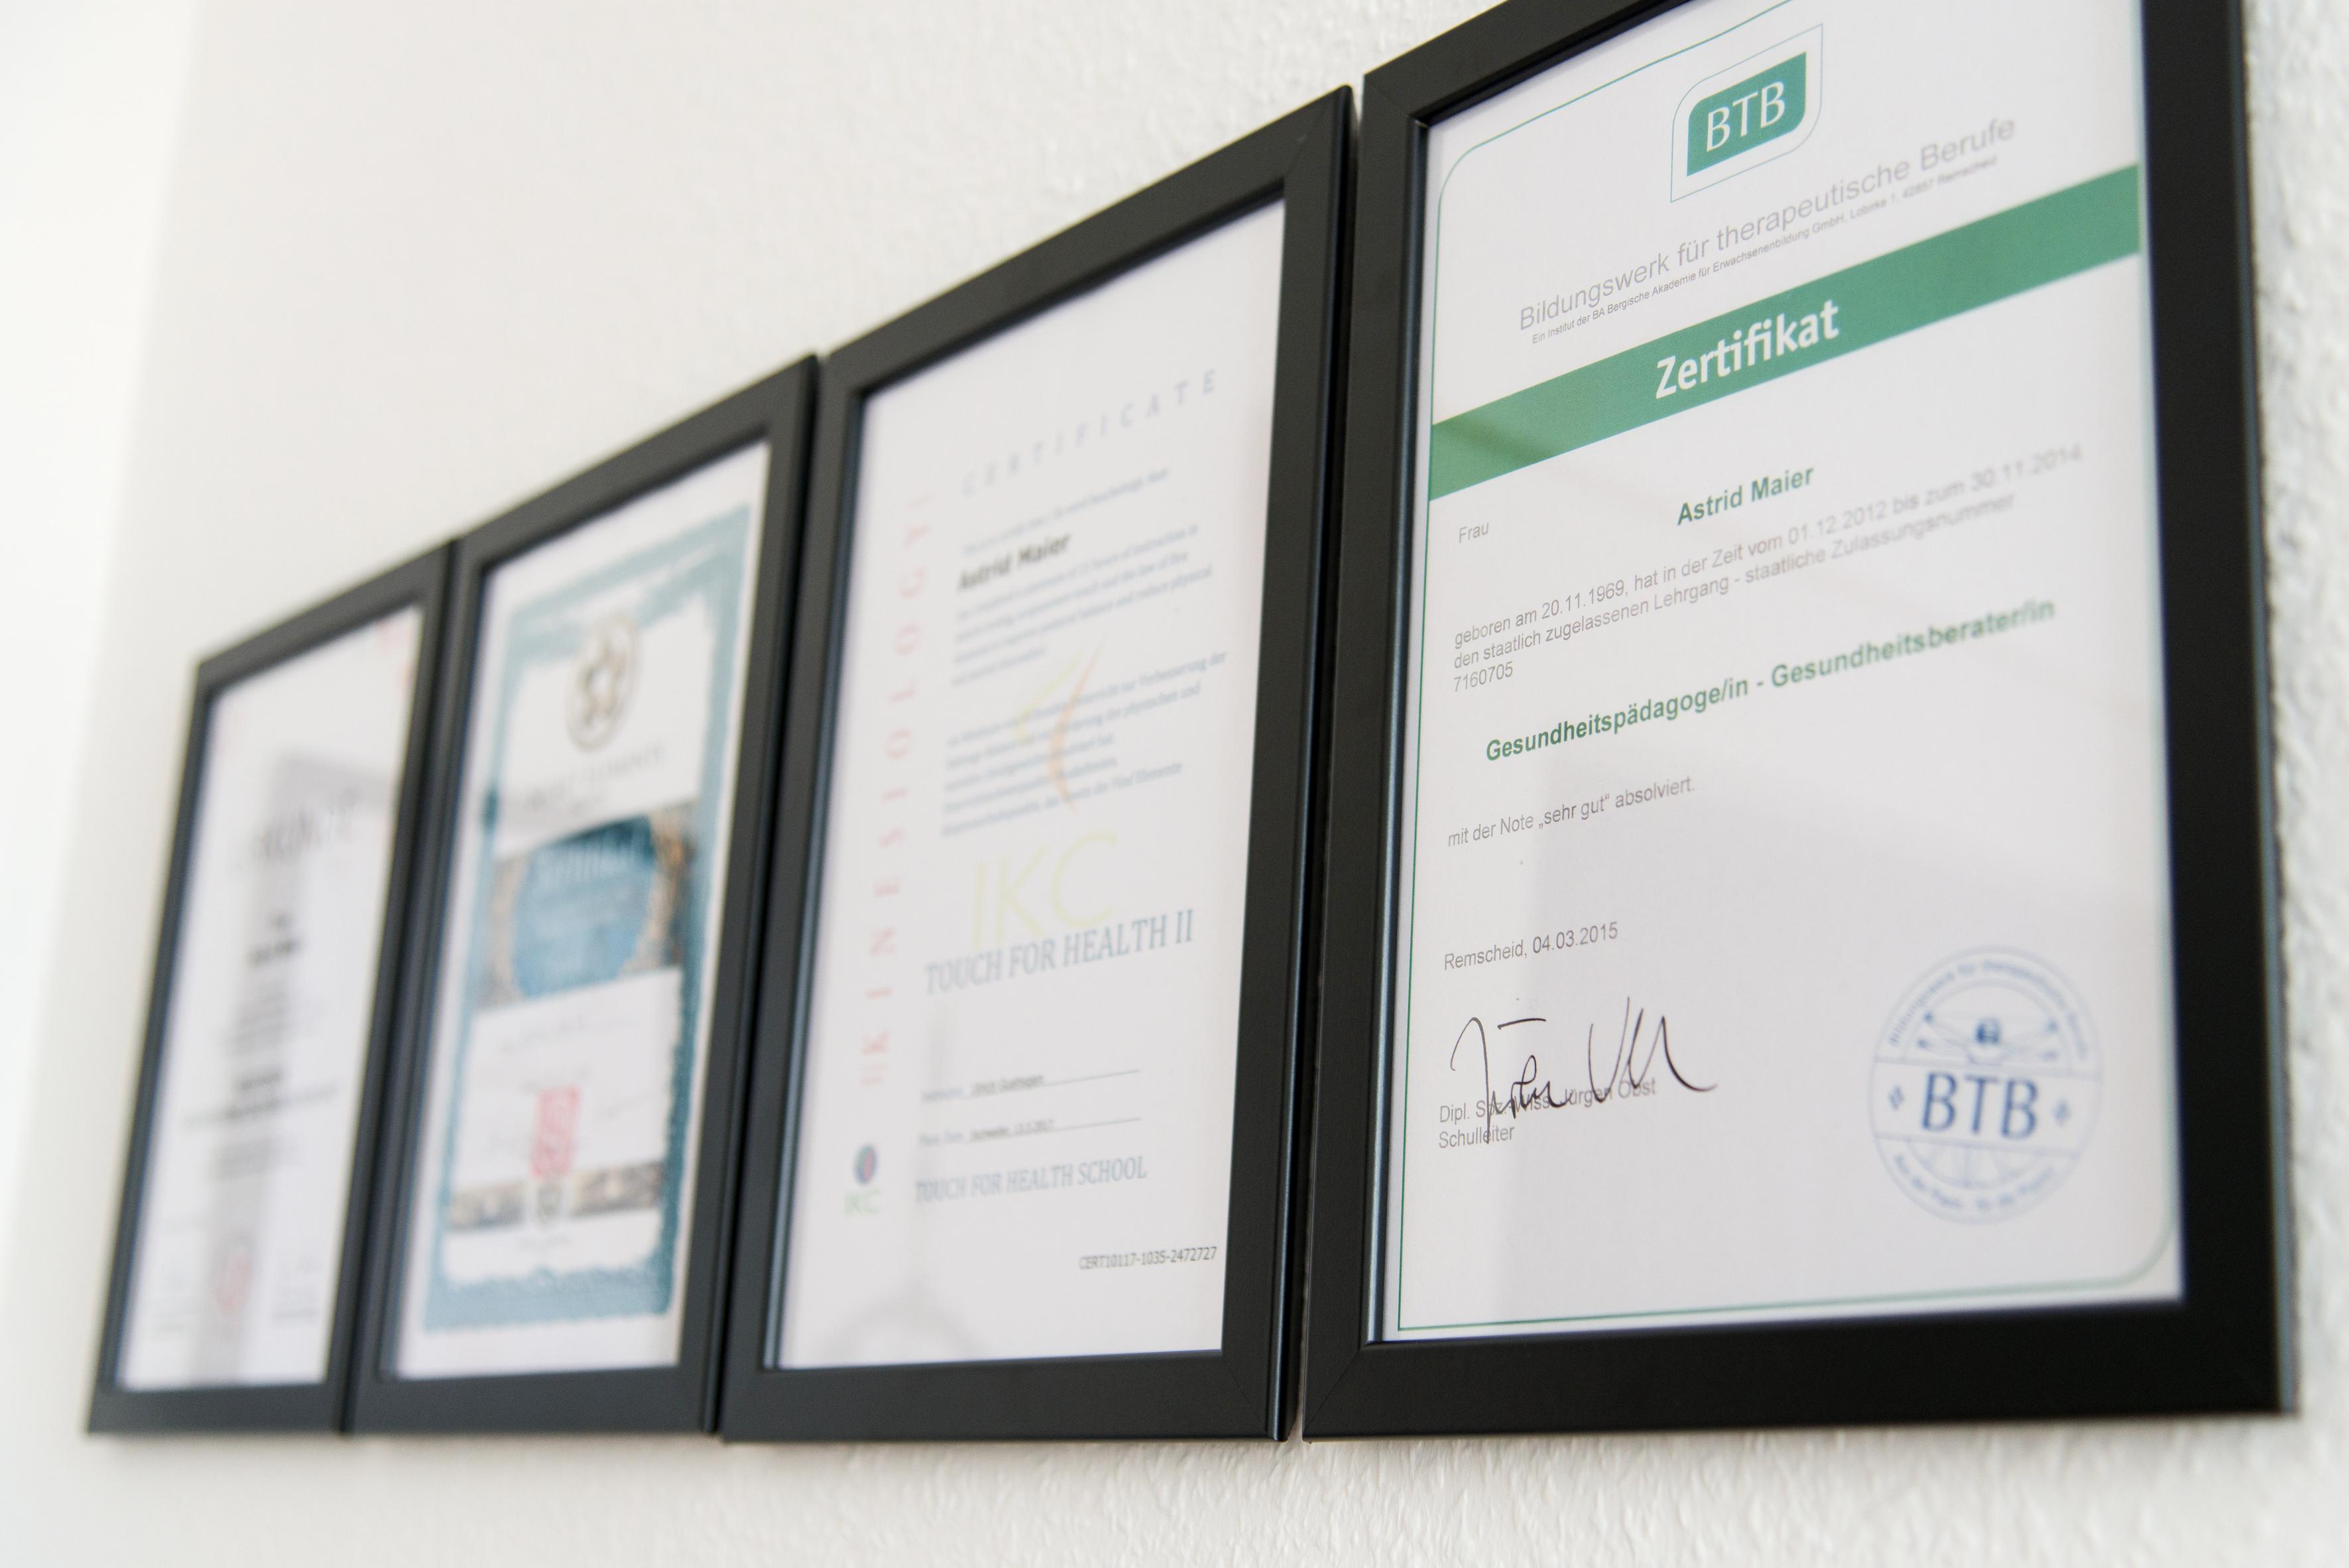 Qualifikationen- ein Ausschnitt